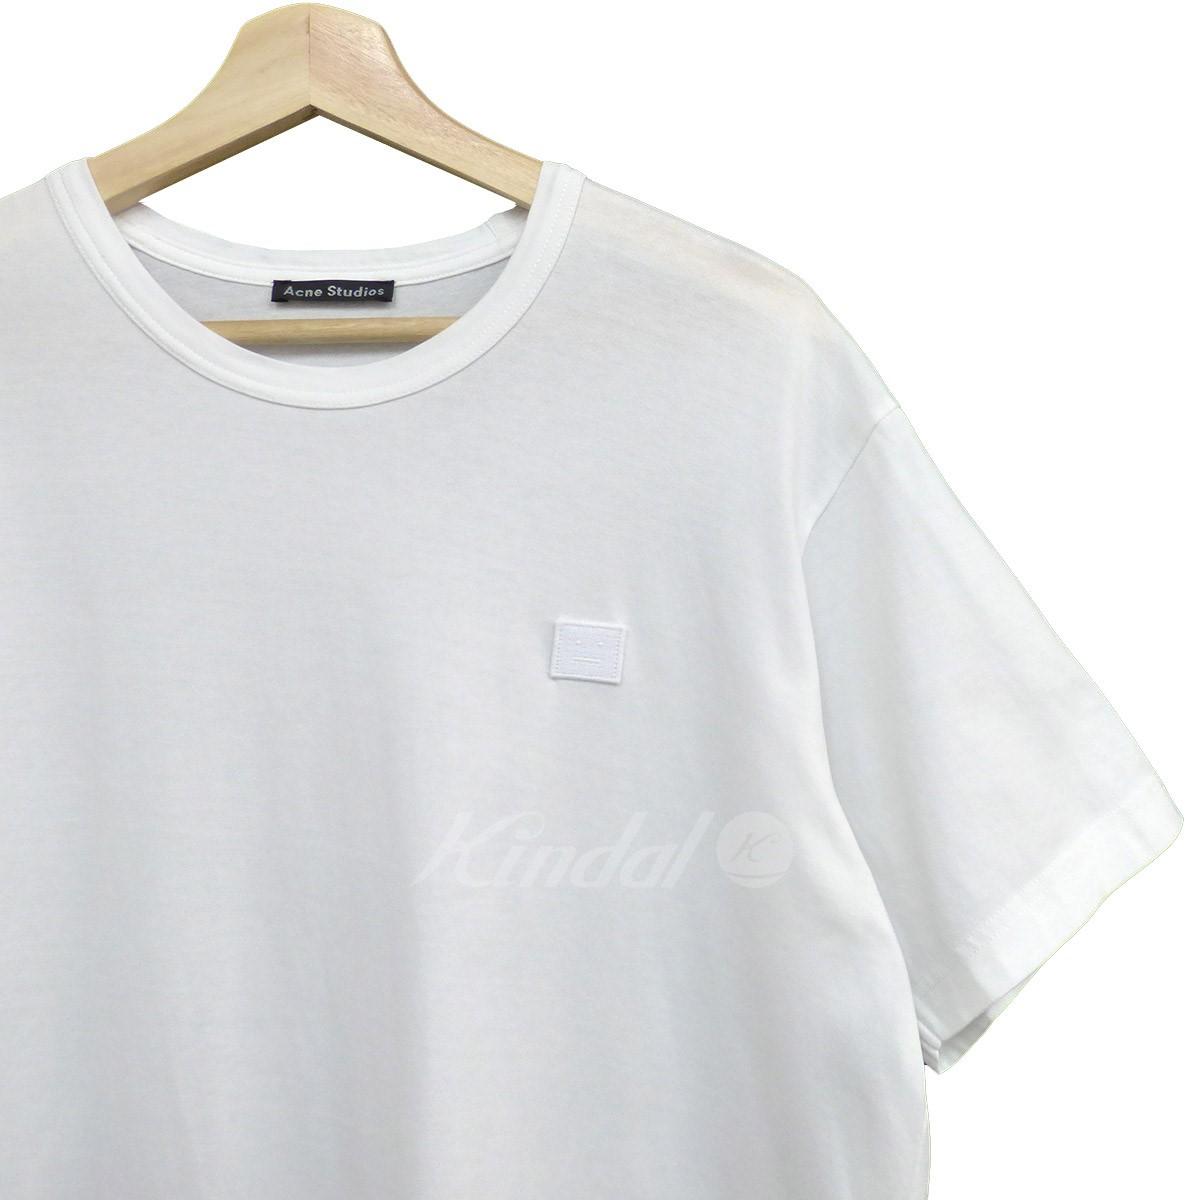 【中古】ACNE STUDIOS NASH FACE Tシャツ ホワイト サイズ:S 【010619】(アクネストゥディオズ)